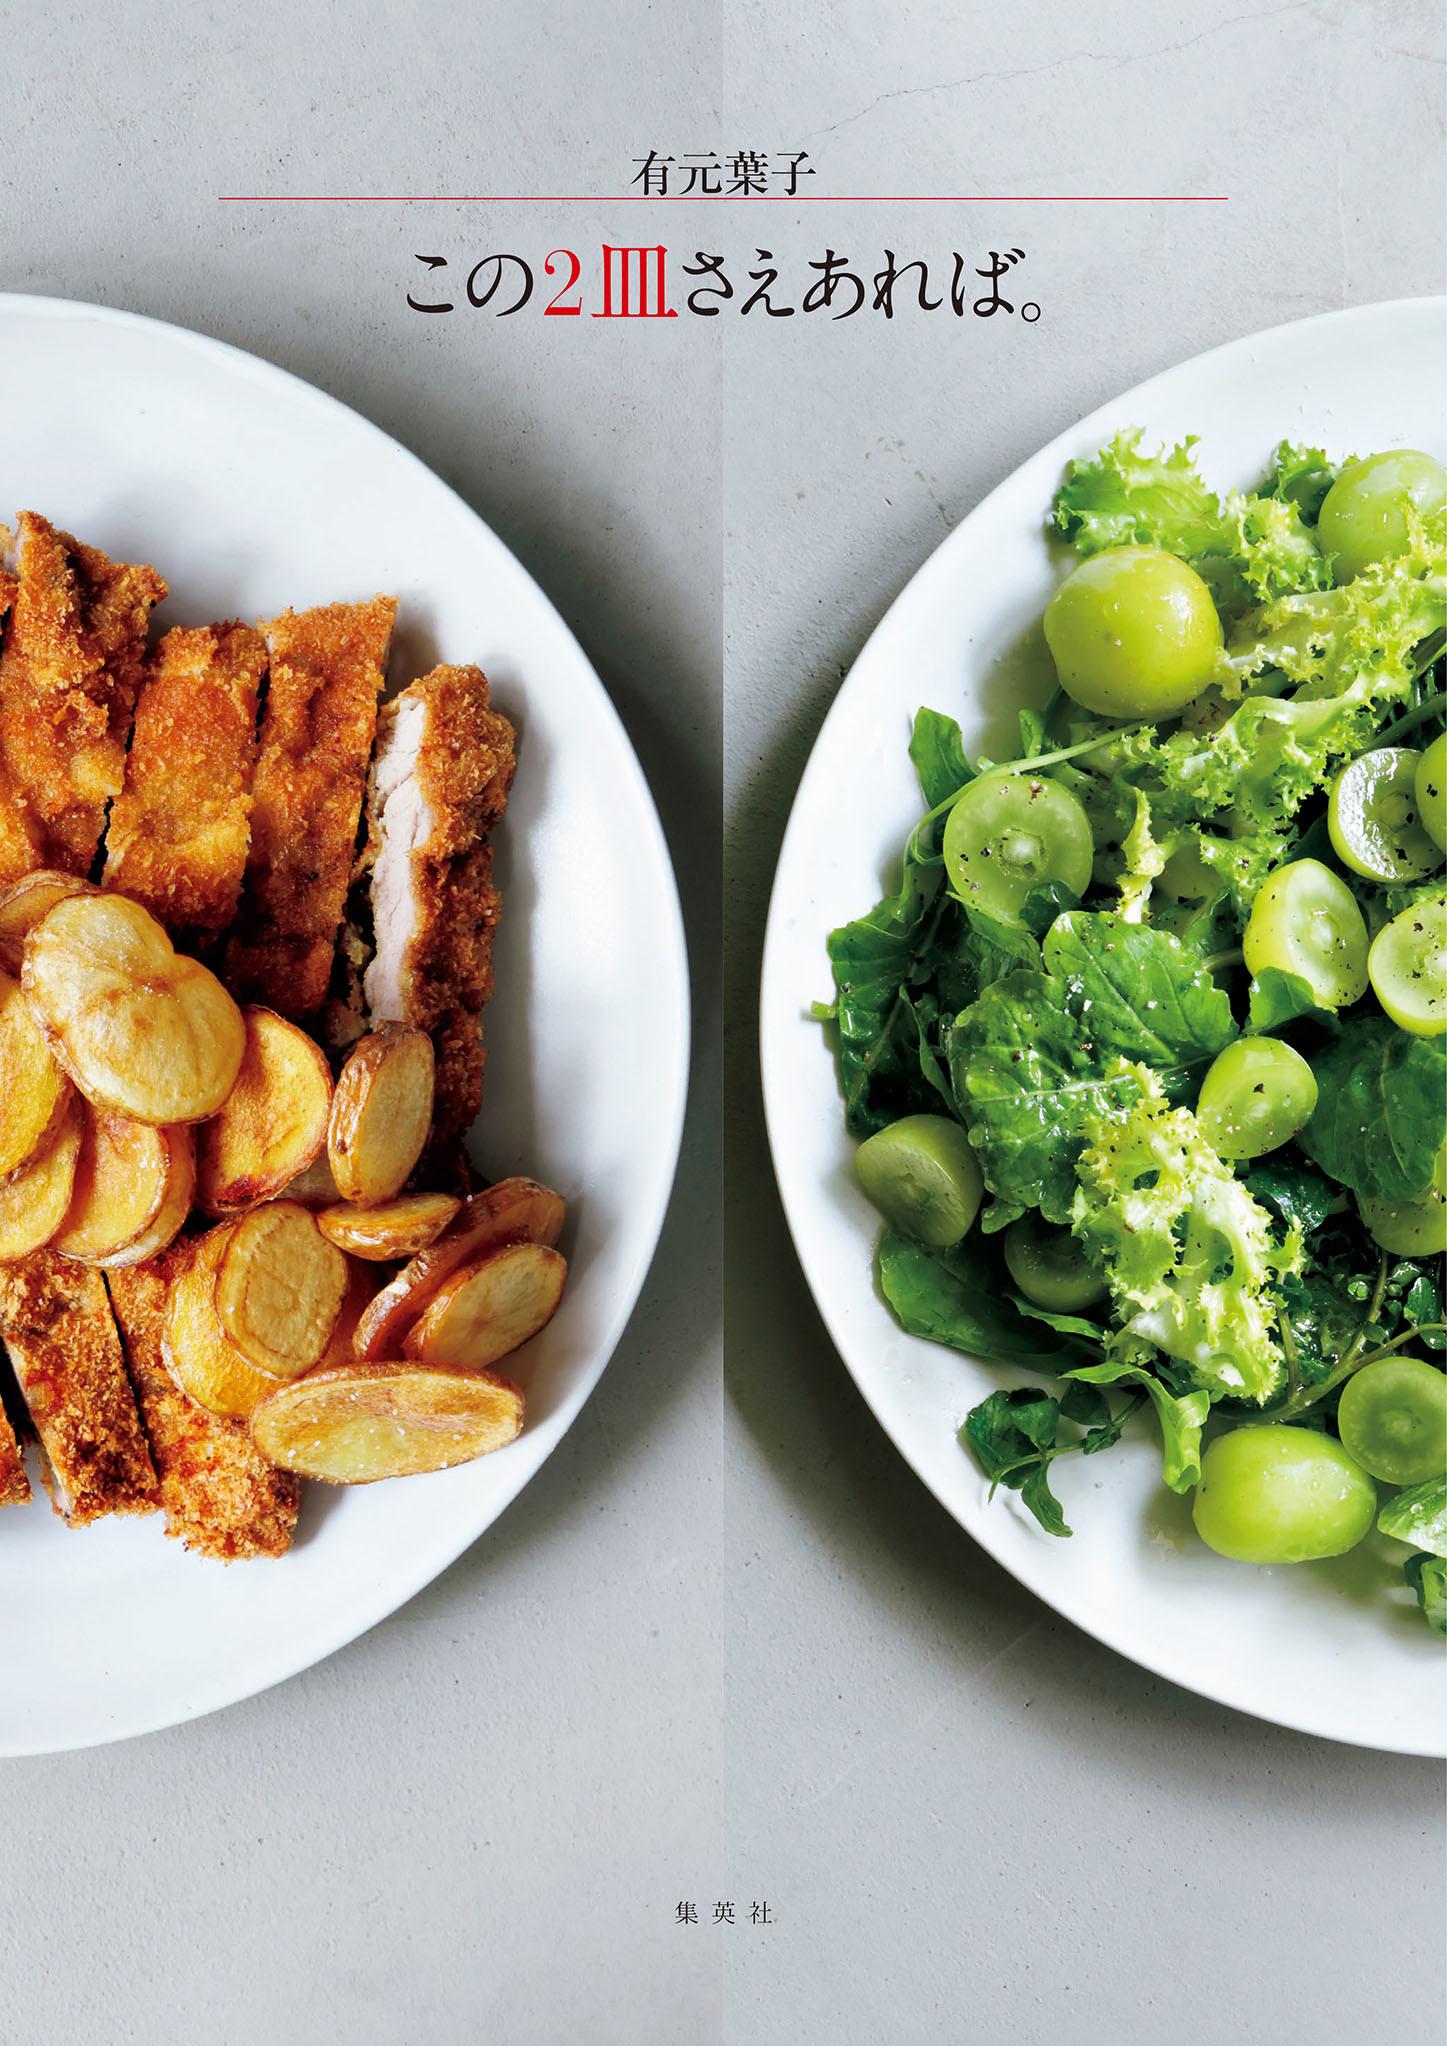 有元葉子「私が食べたい季節の味 この2皿さえあれば。」 春夏編が発売に!_1_1-2